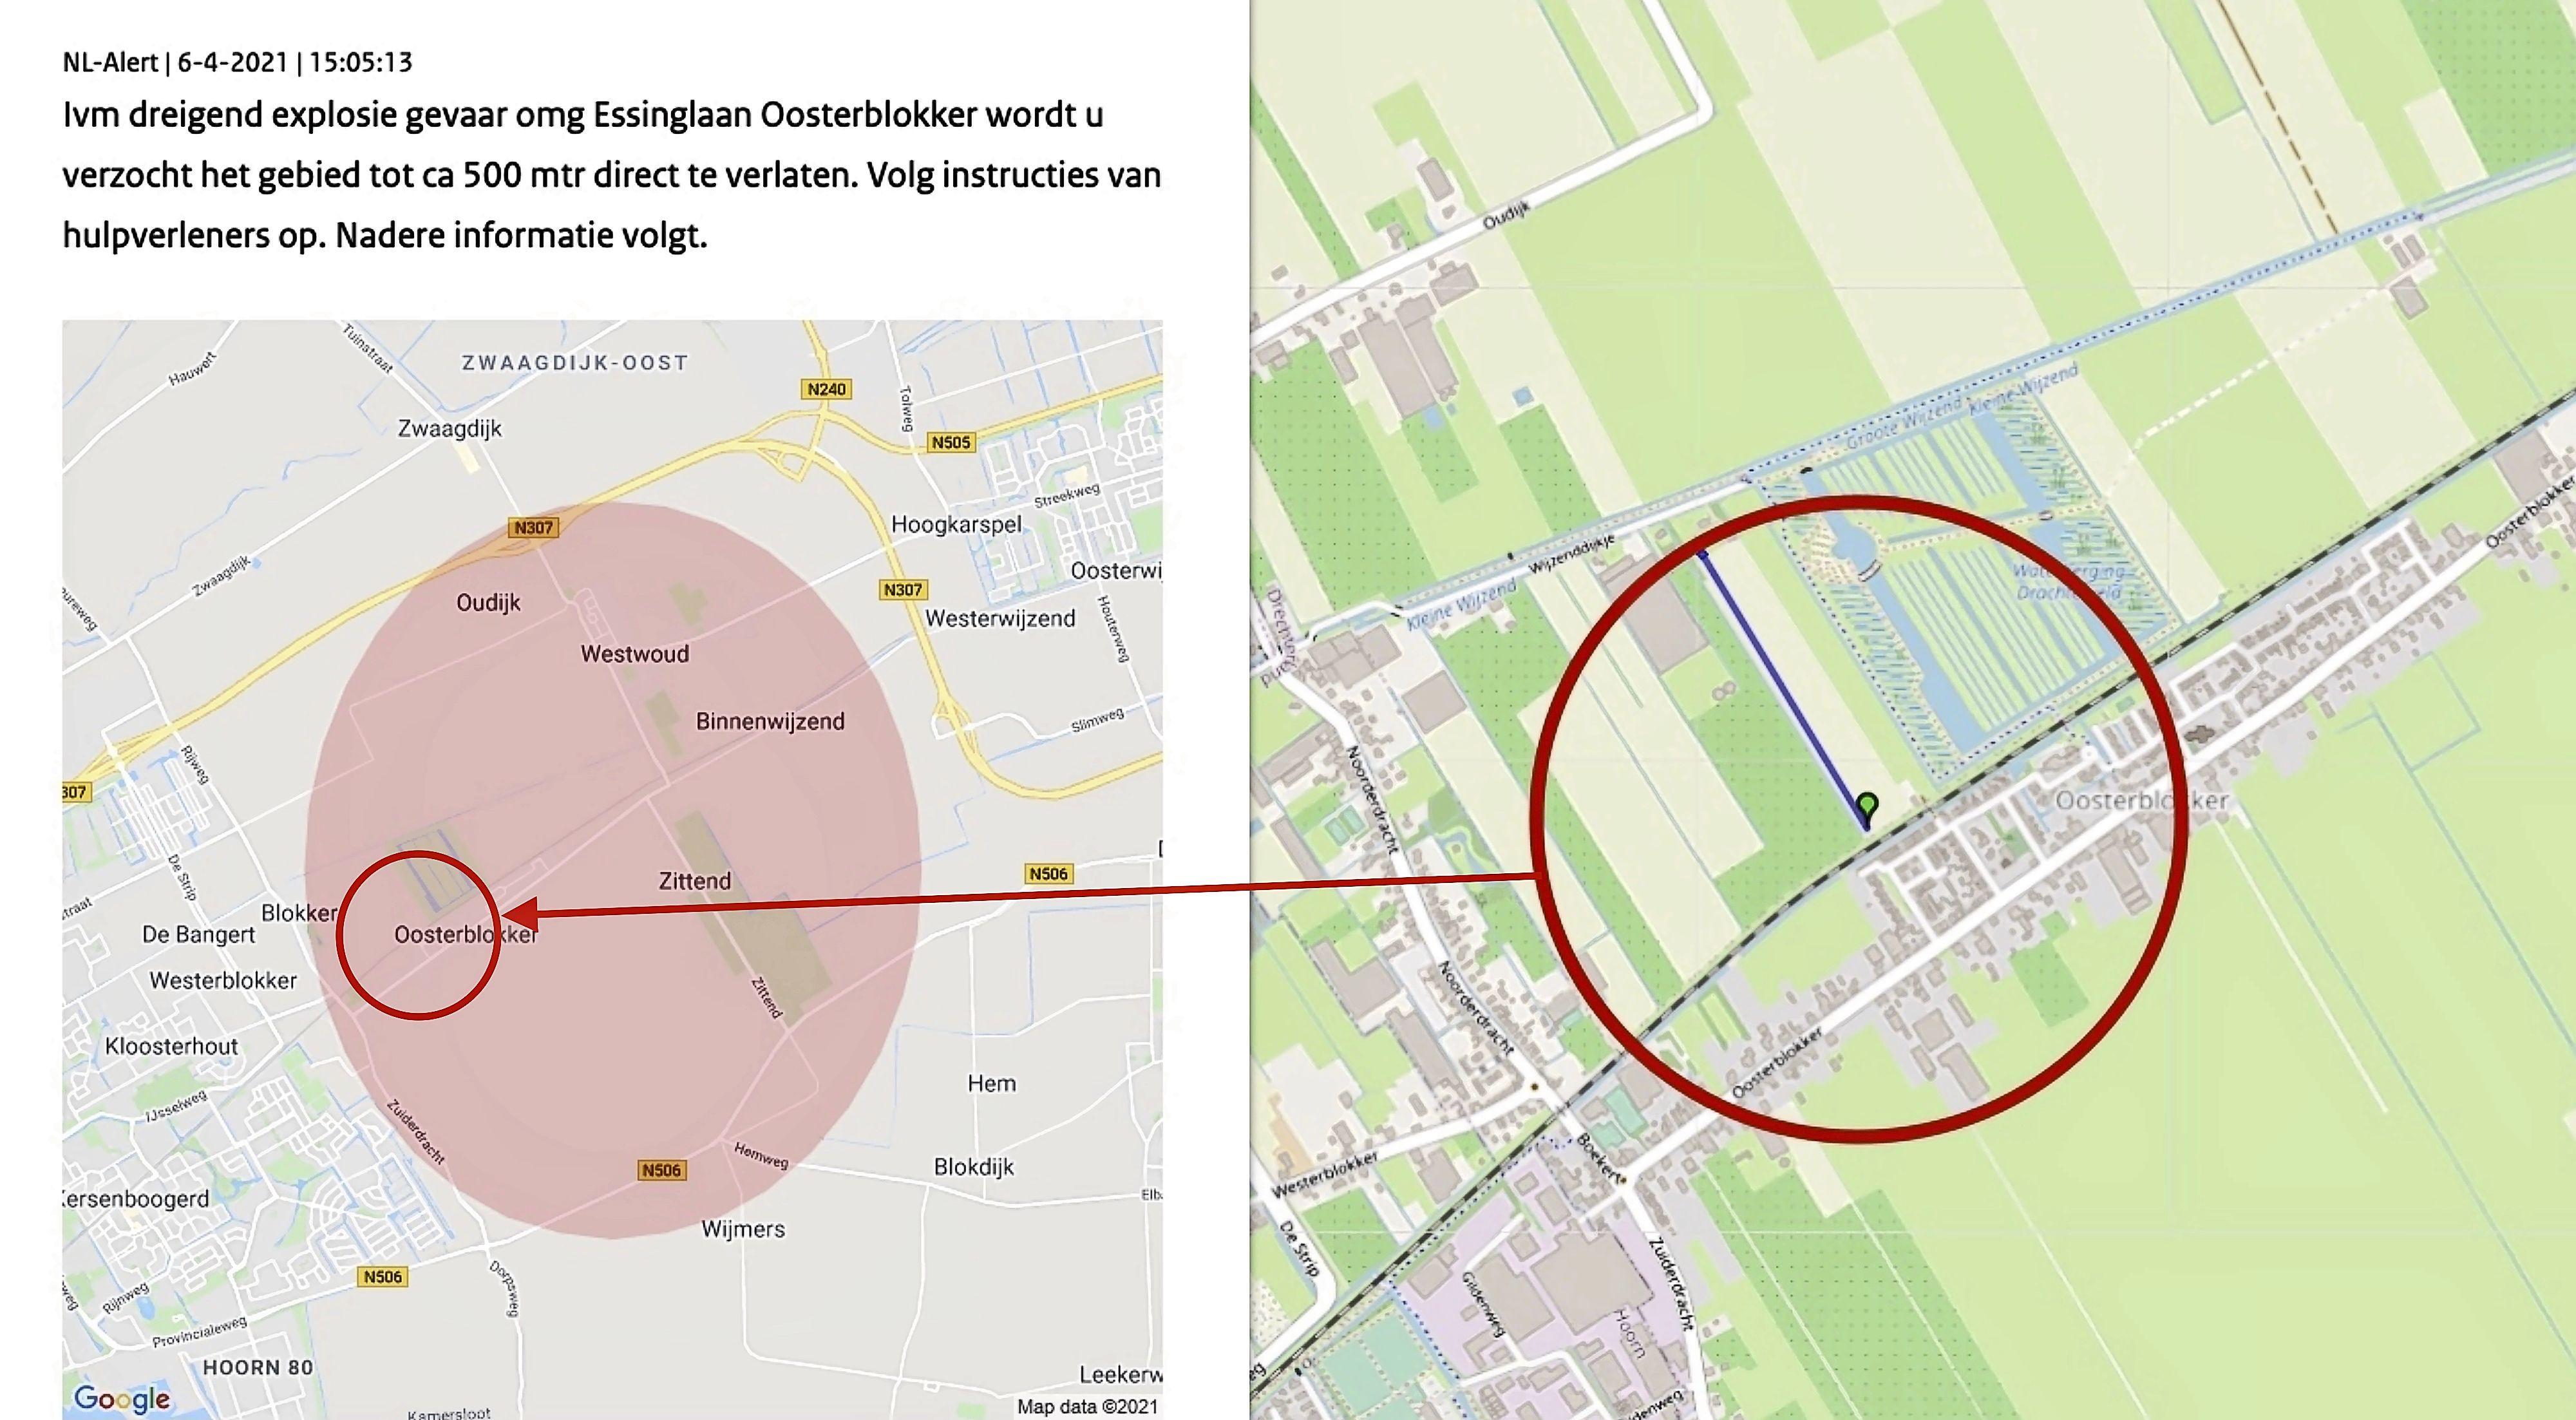 NL-Alert toonde veel grotere cirkel bij dreigende gasexplosie Oosterblokker dan gebied dat werd ontruimd